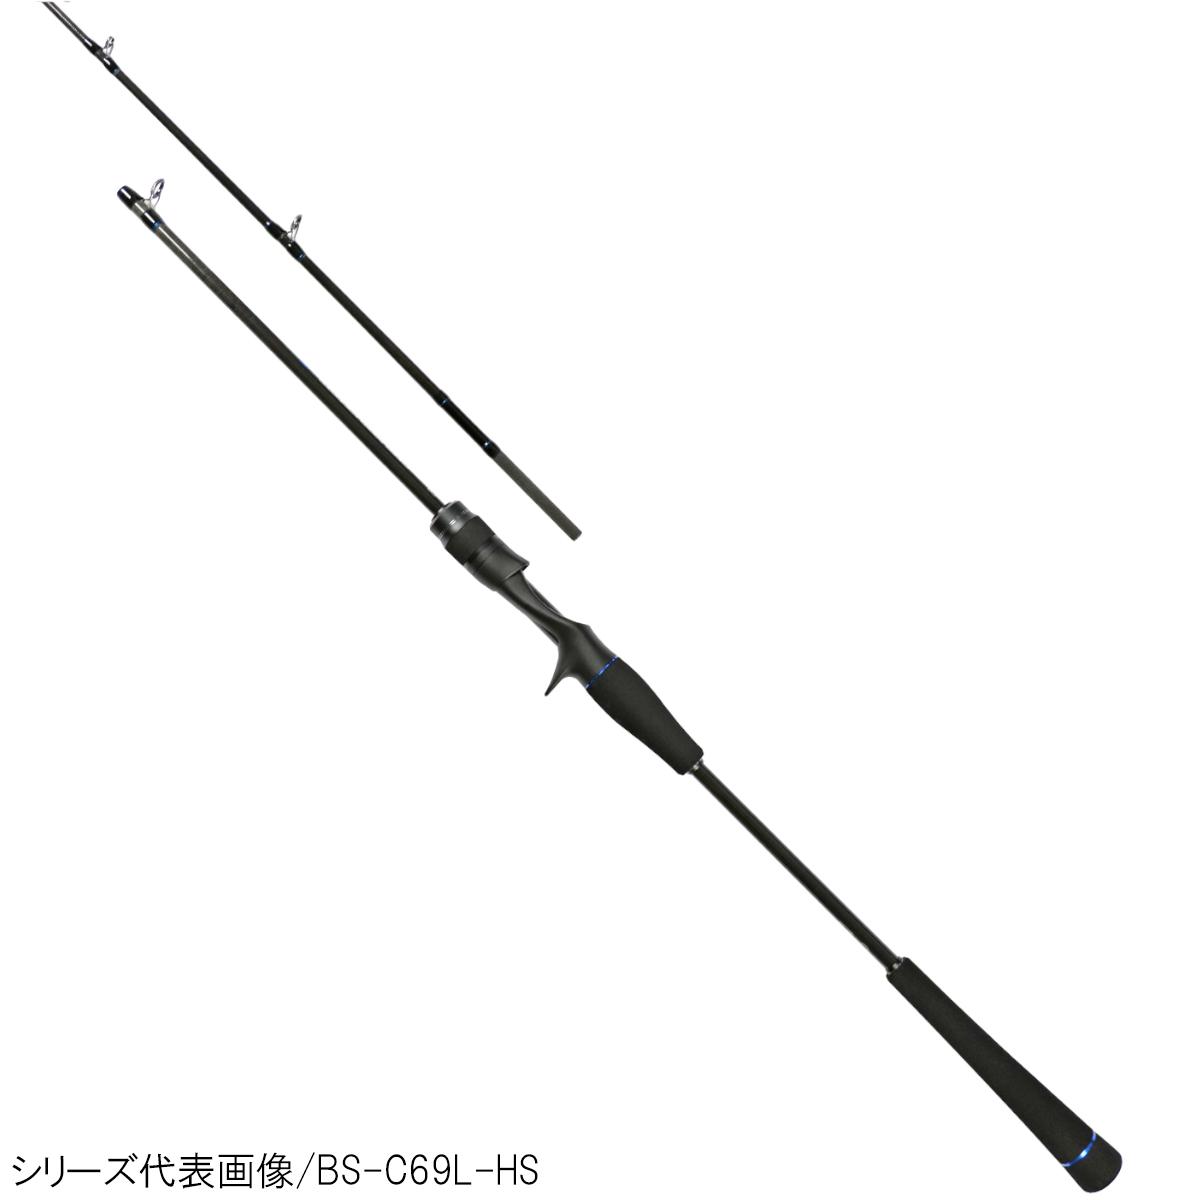 【8日最大8千円オフクーポン!】ジャッカル ビンビンスティックHS BS-C76UL-HS